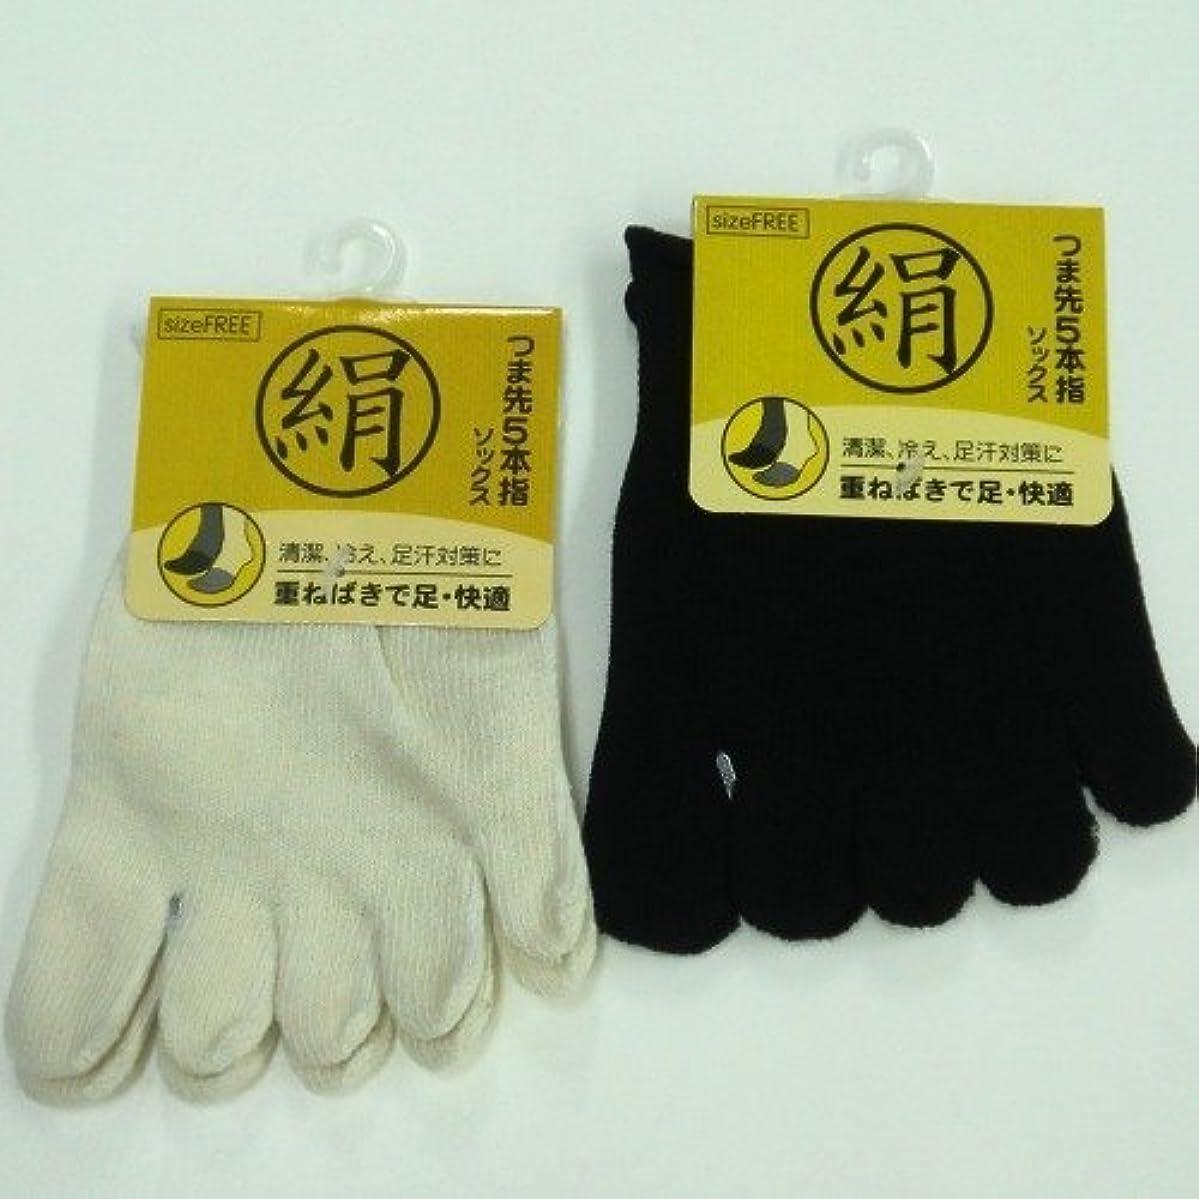 輪郭入場料軍団シルク 5本指ハーフソックス 足指カバー 天然素材絹で抗菌防臭 4足組